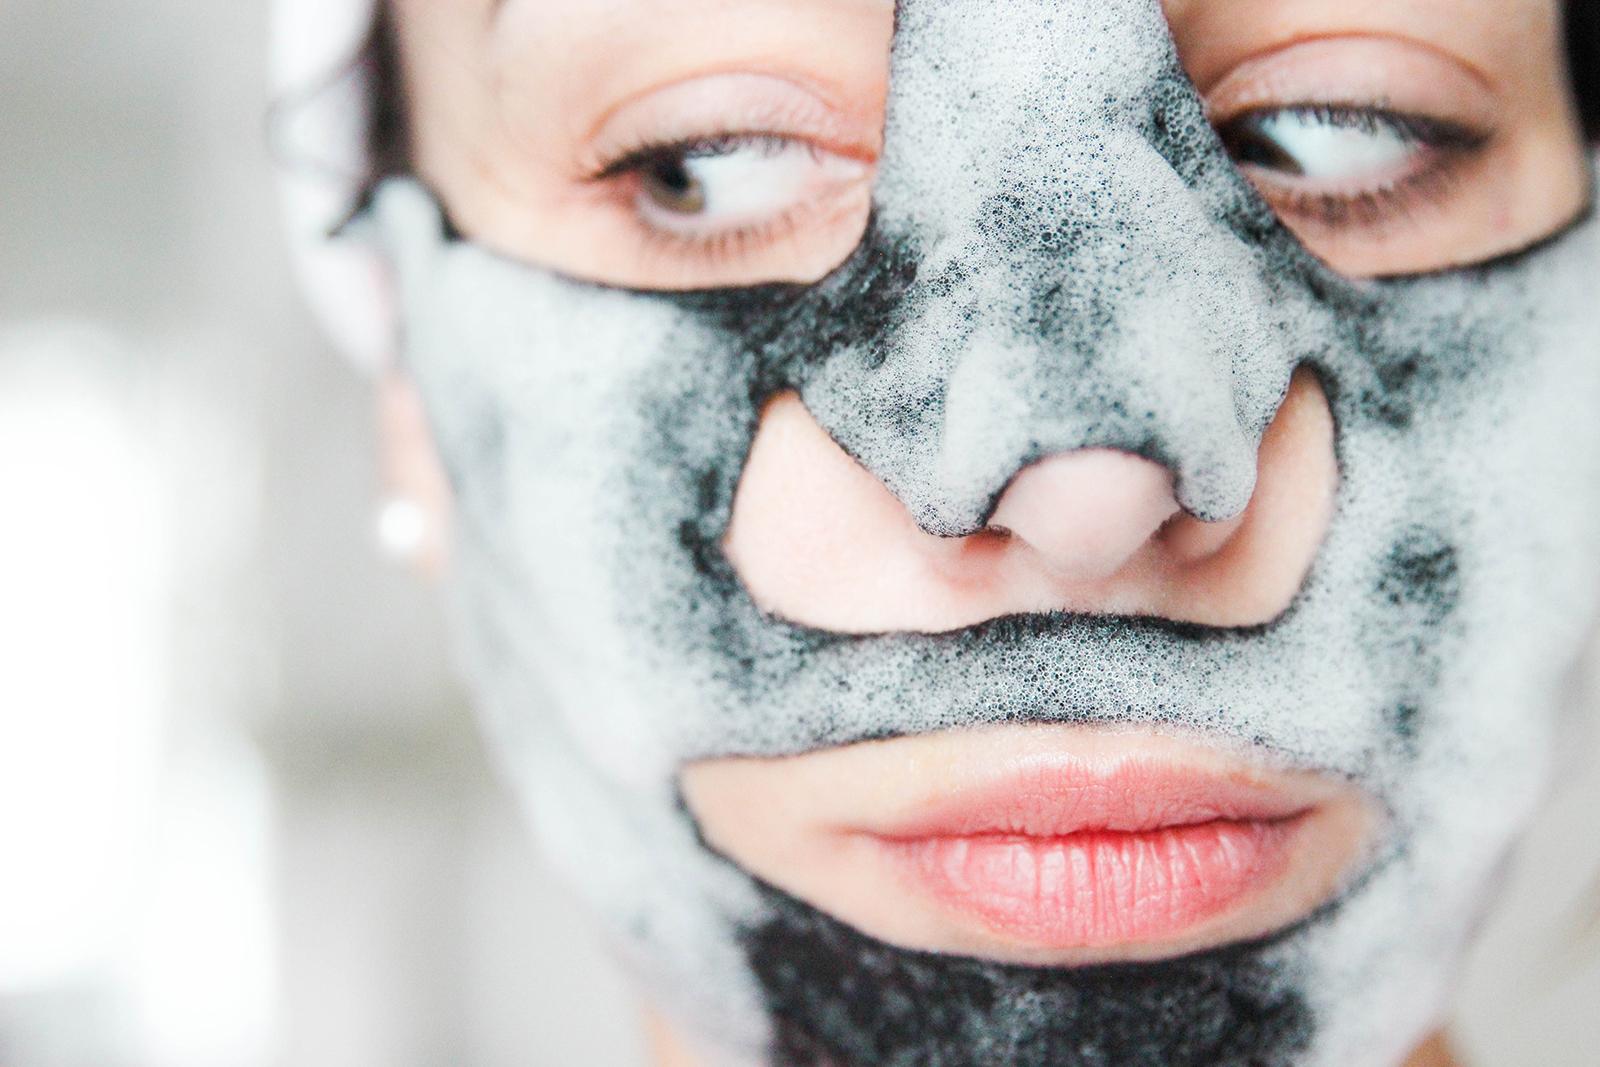 Masque-Moussant-bubblemask-4